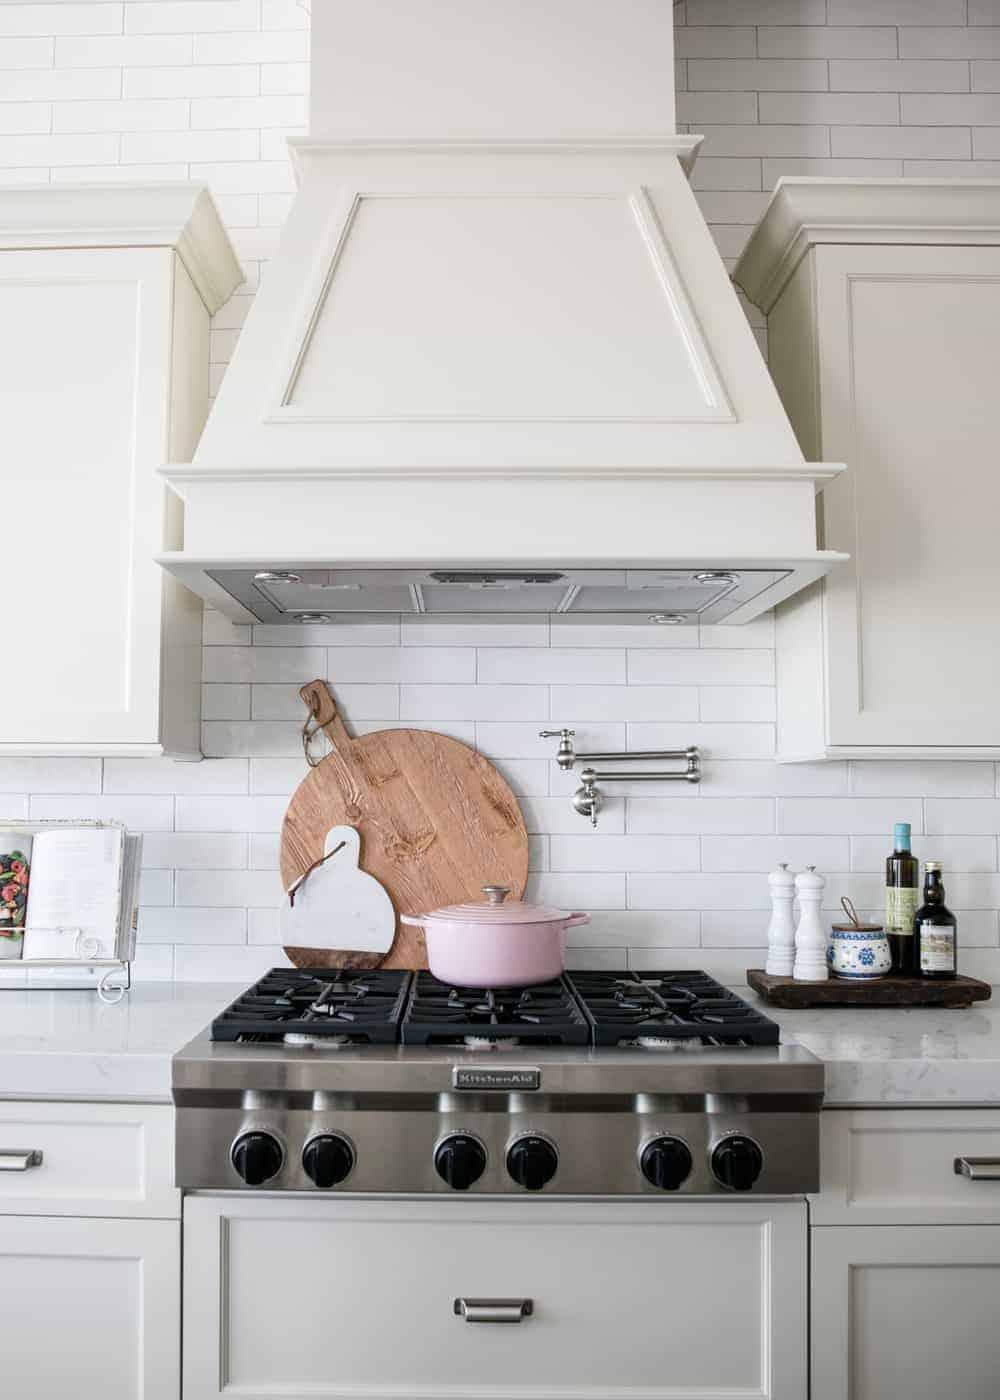 whit subway tile backsplash behind stove